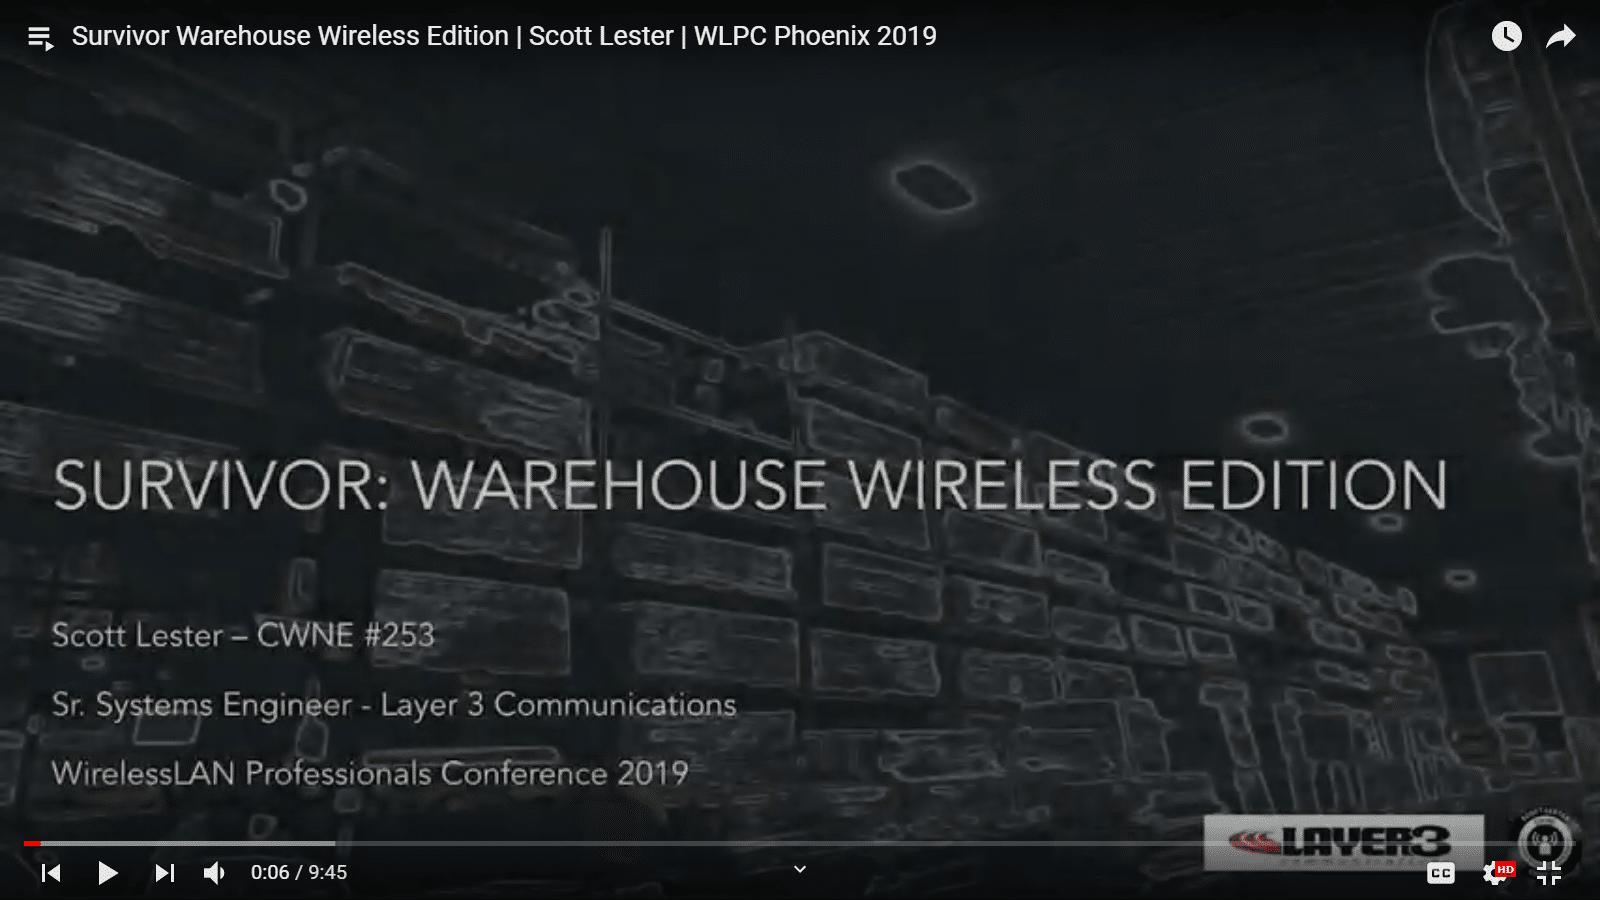 Survivor-Warehouse-Wireless-Edition-Scott-Lester   Wireless